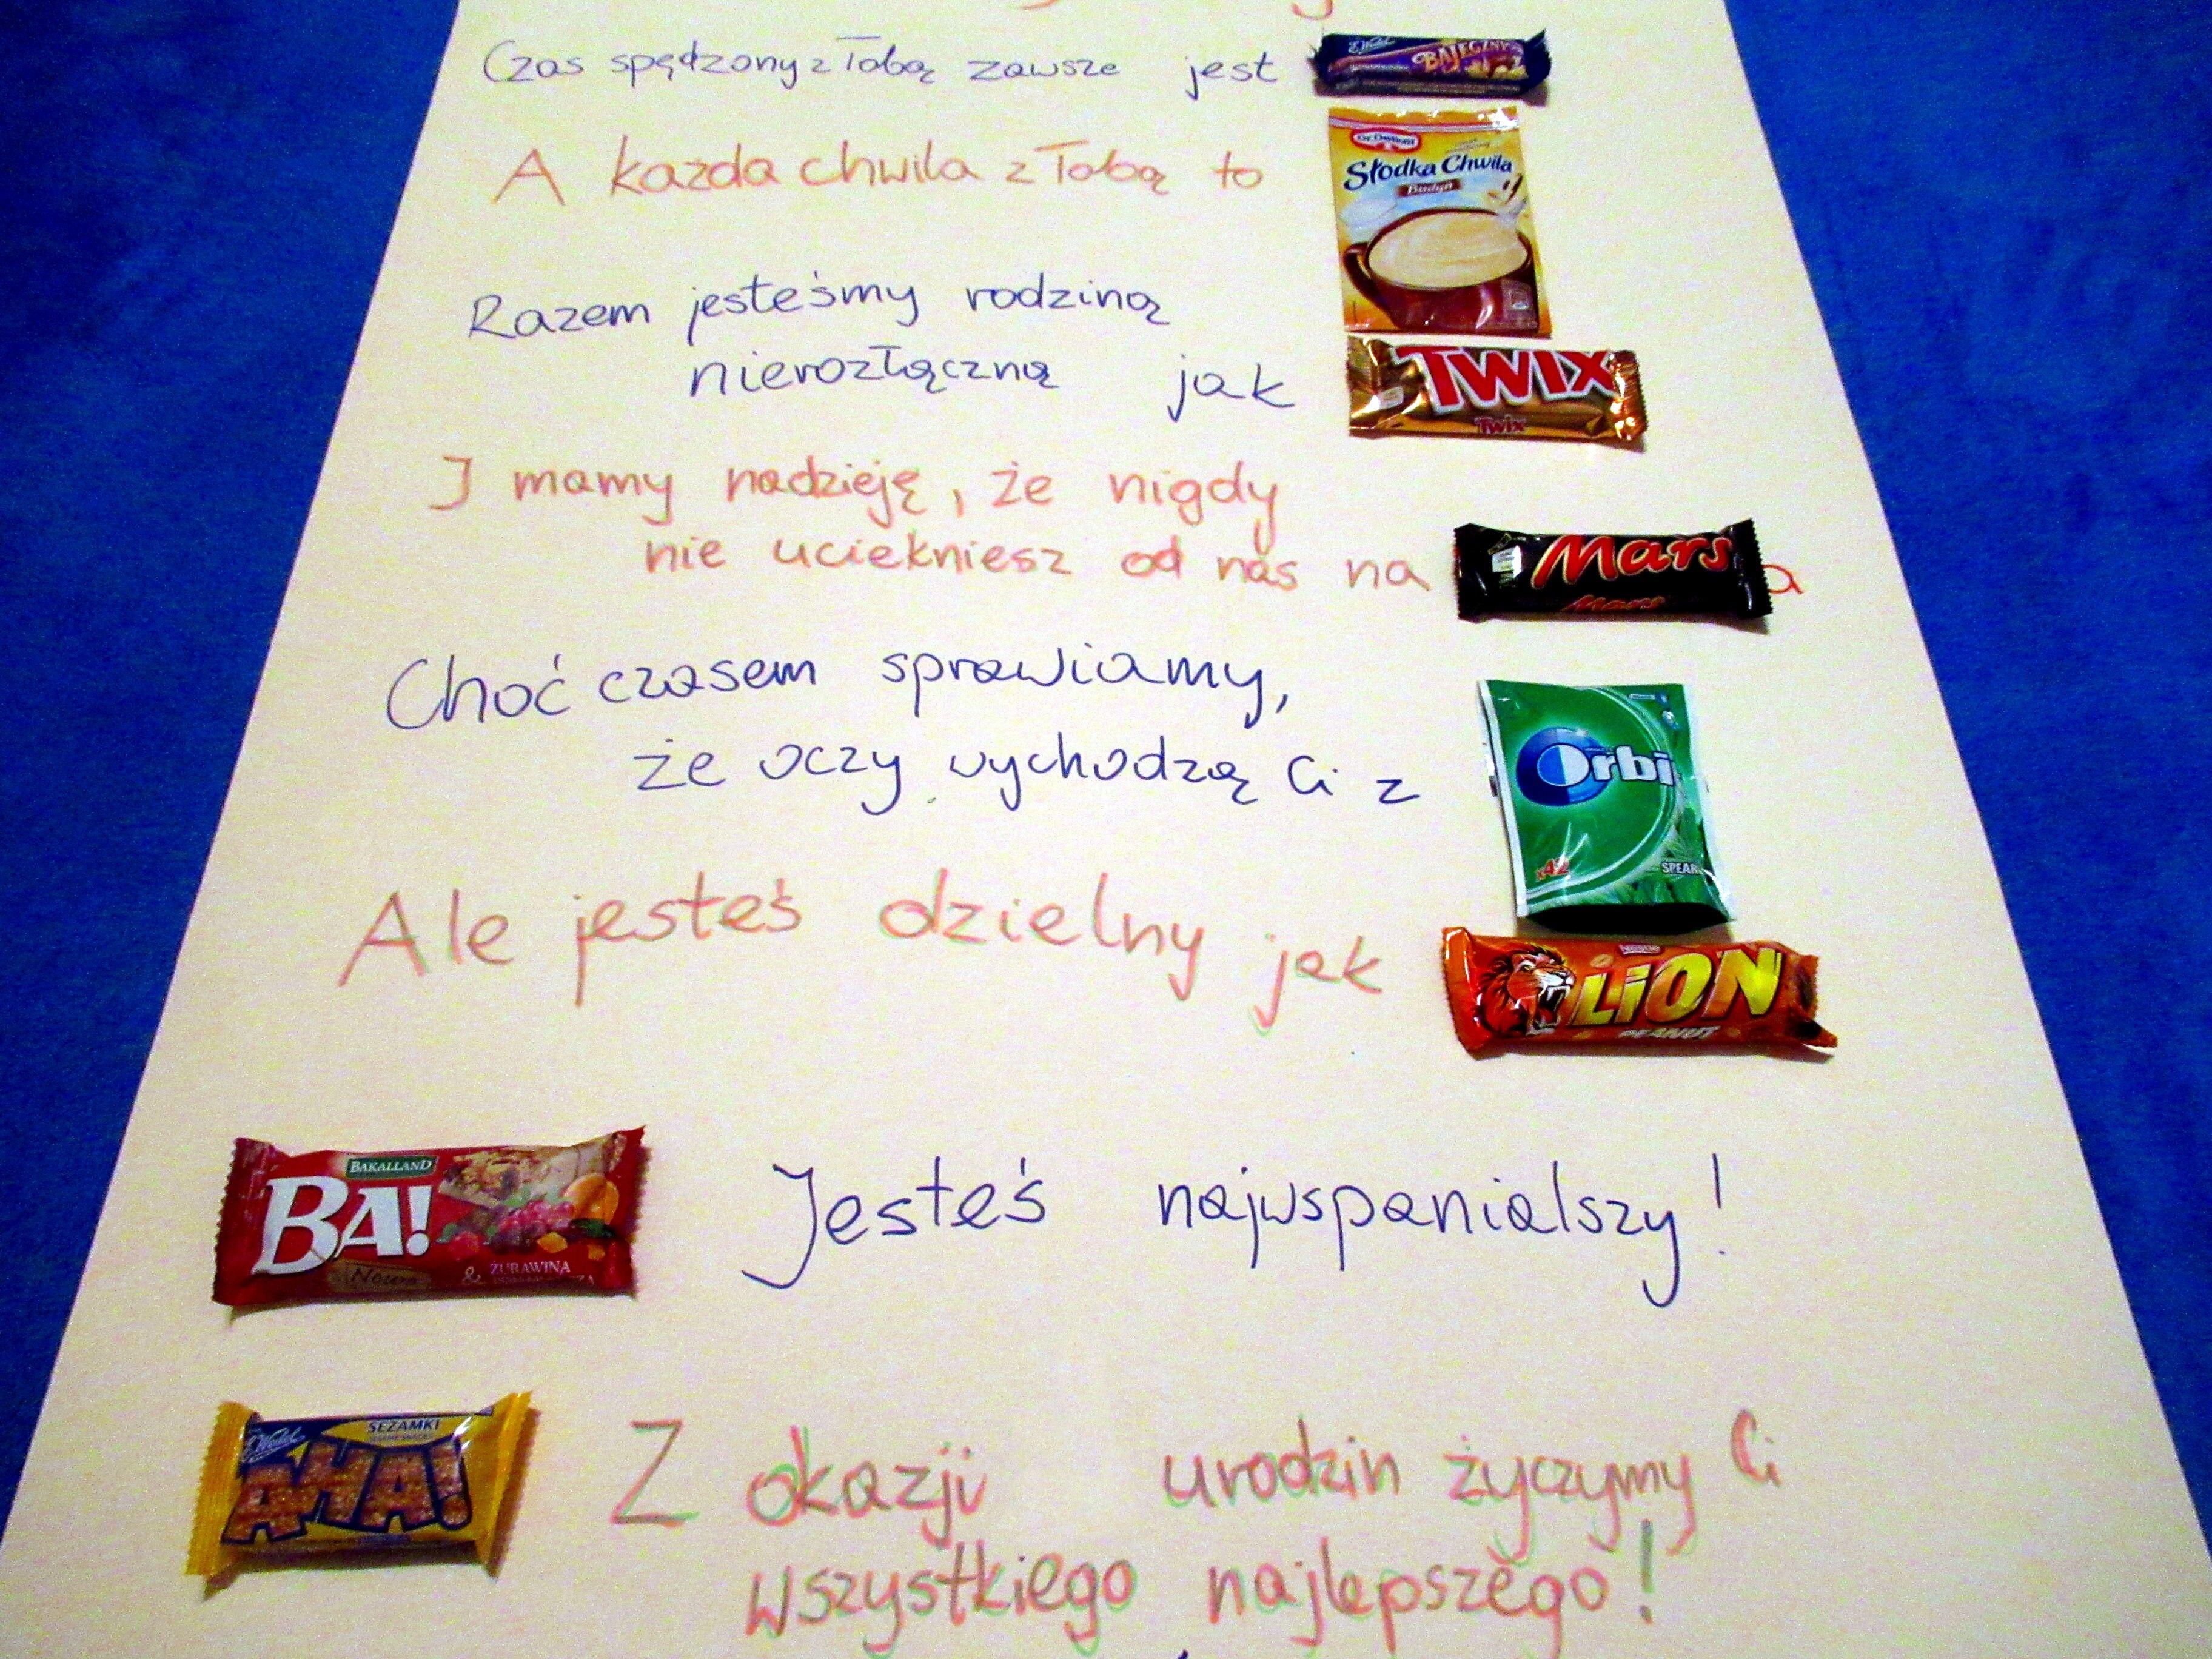 Jak Zrobic Zyczenia Dla Nauczyciela Z Batonikow Prezenty